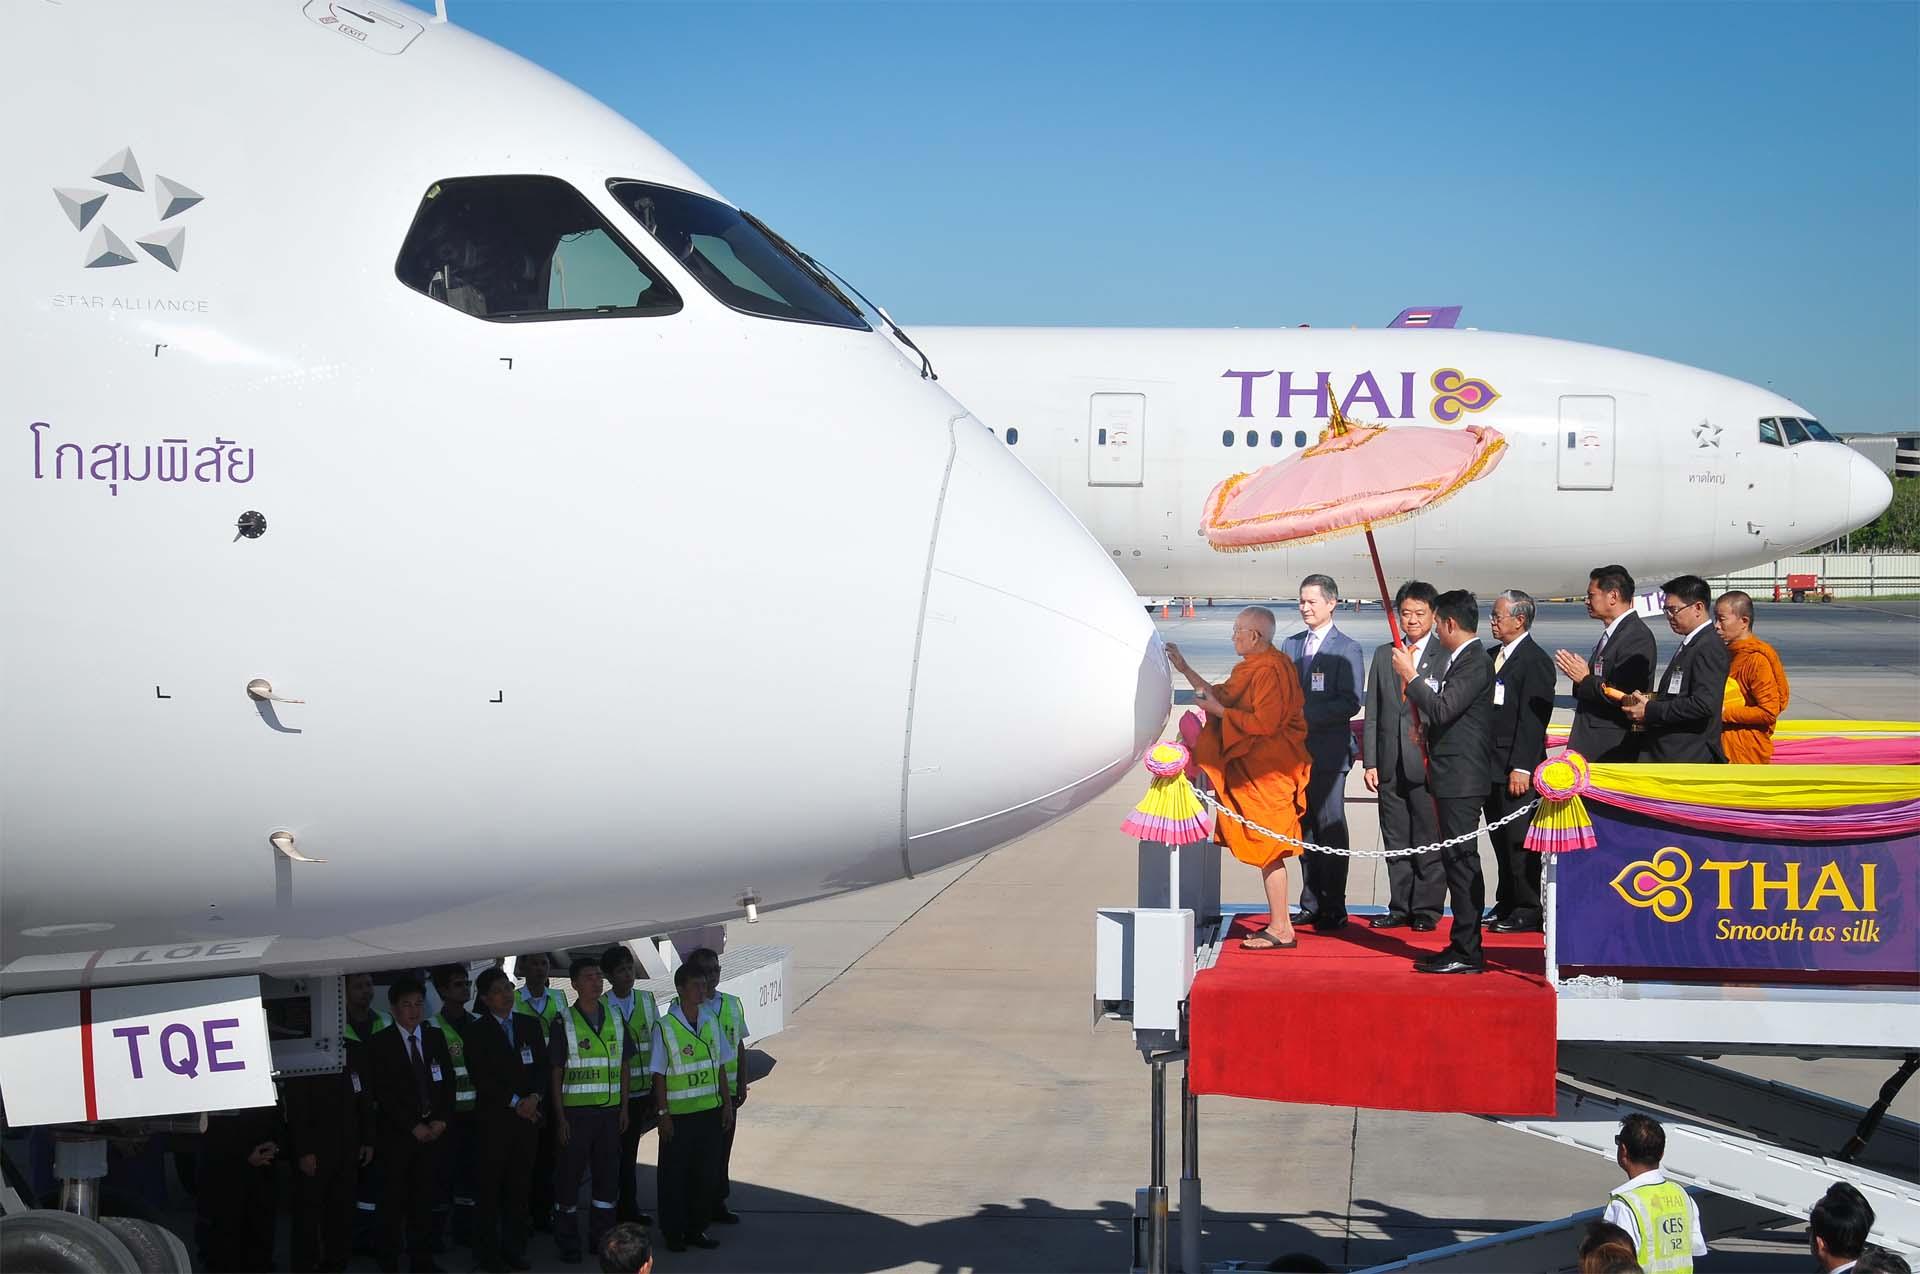 ปัญหาของการบินไทย อาจไม่ใช่แค่ปัญหาภายใน แต่เกิดจากปัจจัยภายนอกด้วย